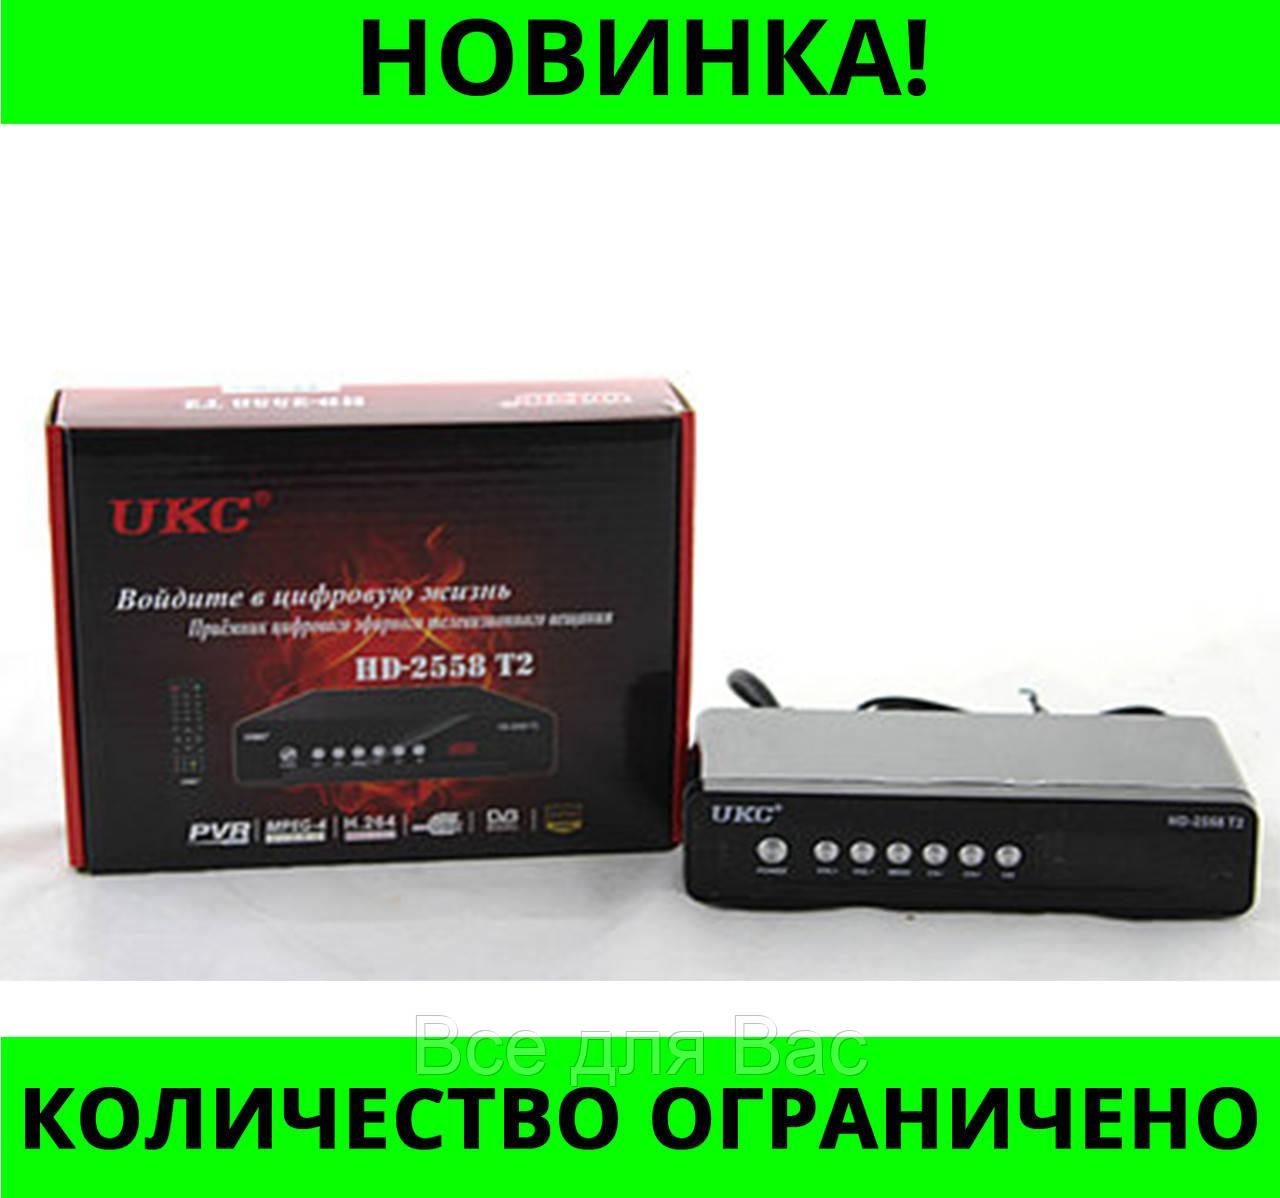 Тюнер DVB-T2 2558 METAL с поддержкой wi-fi адаптера!Розница и Опт